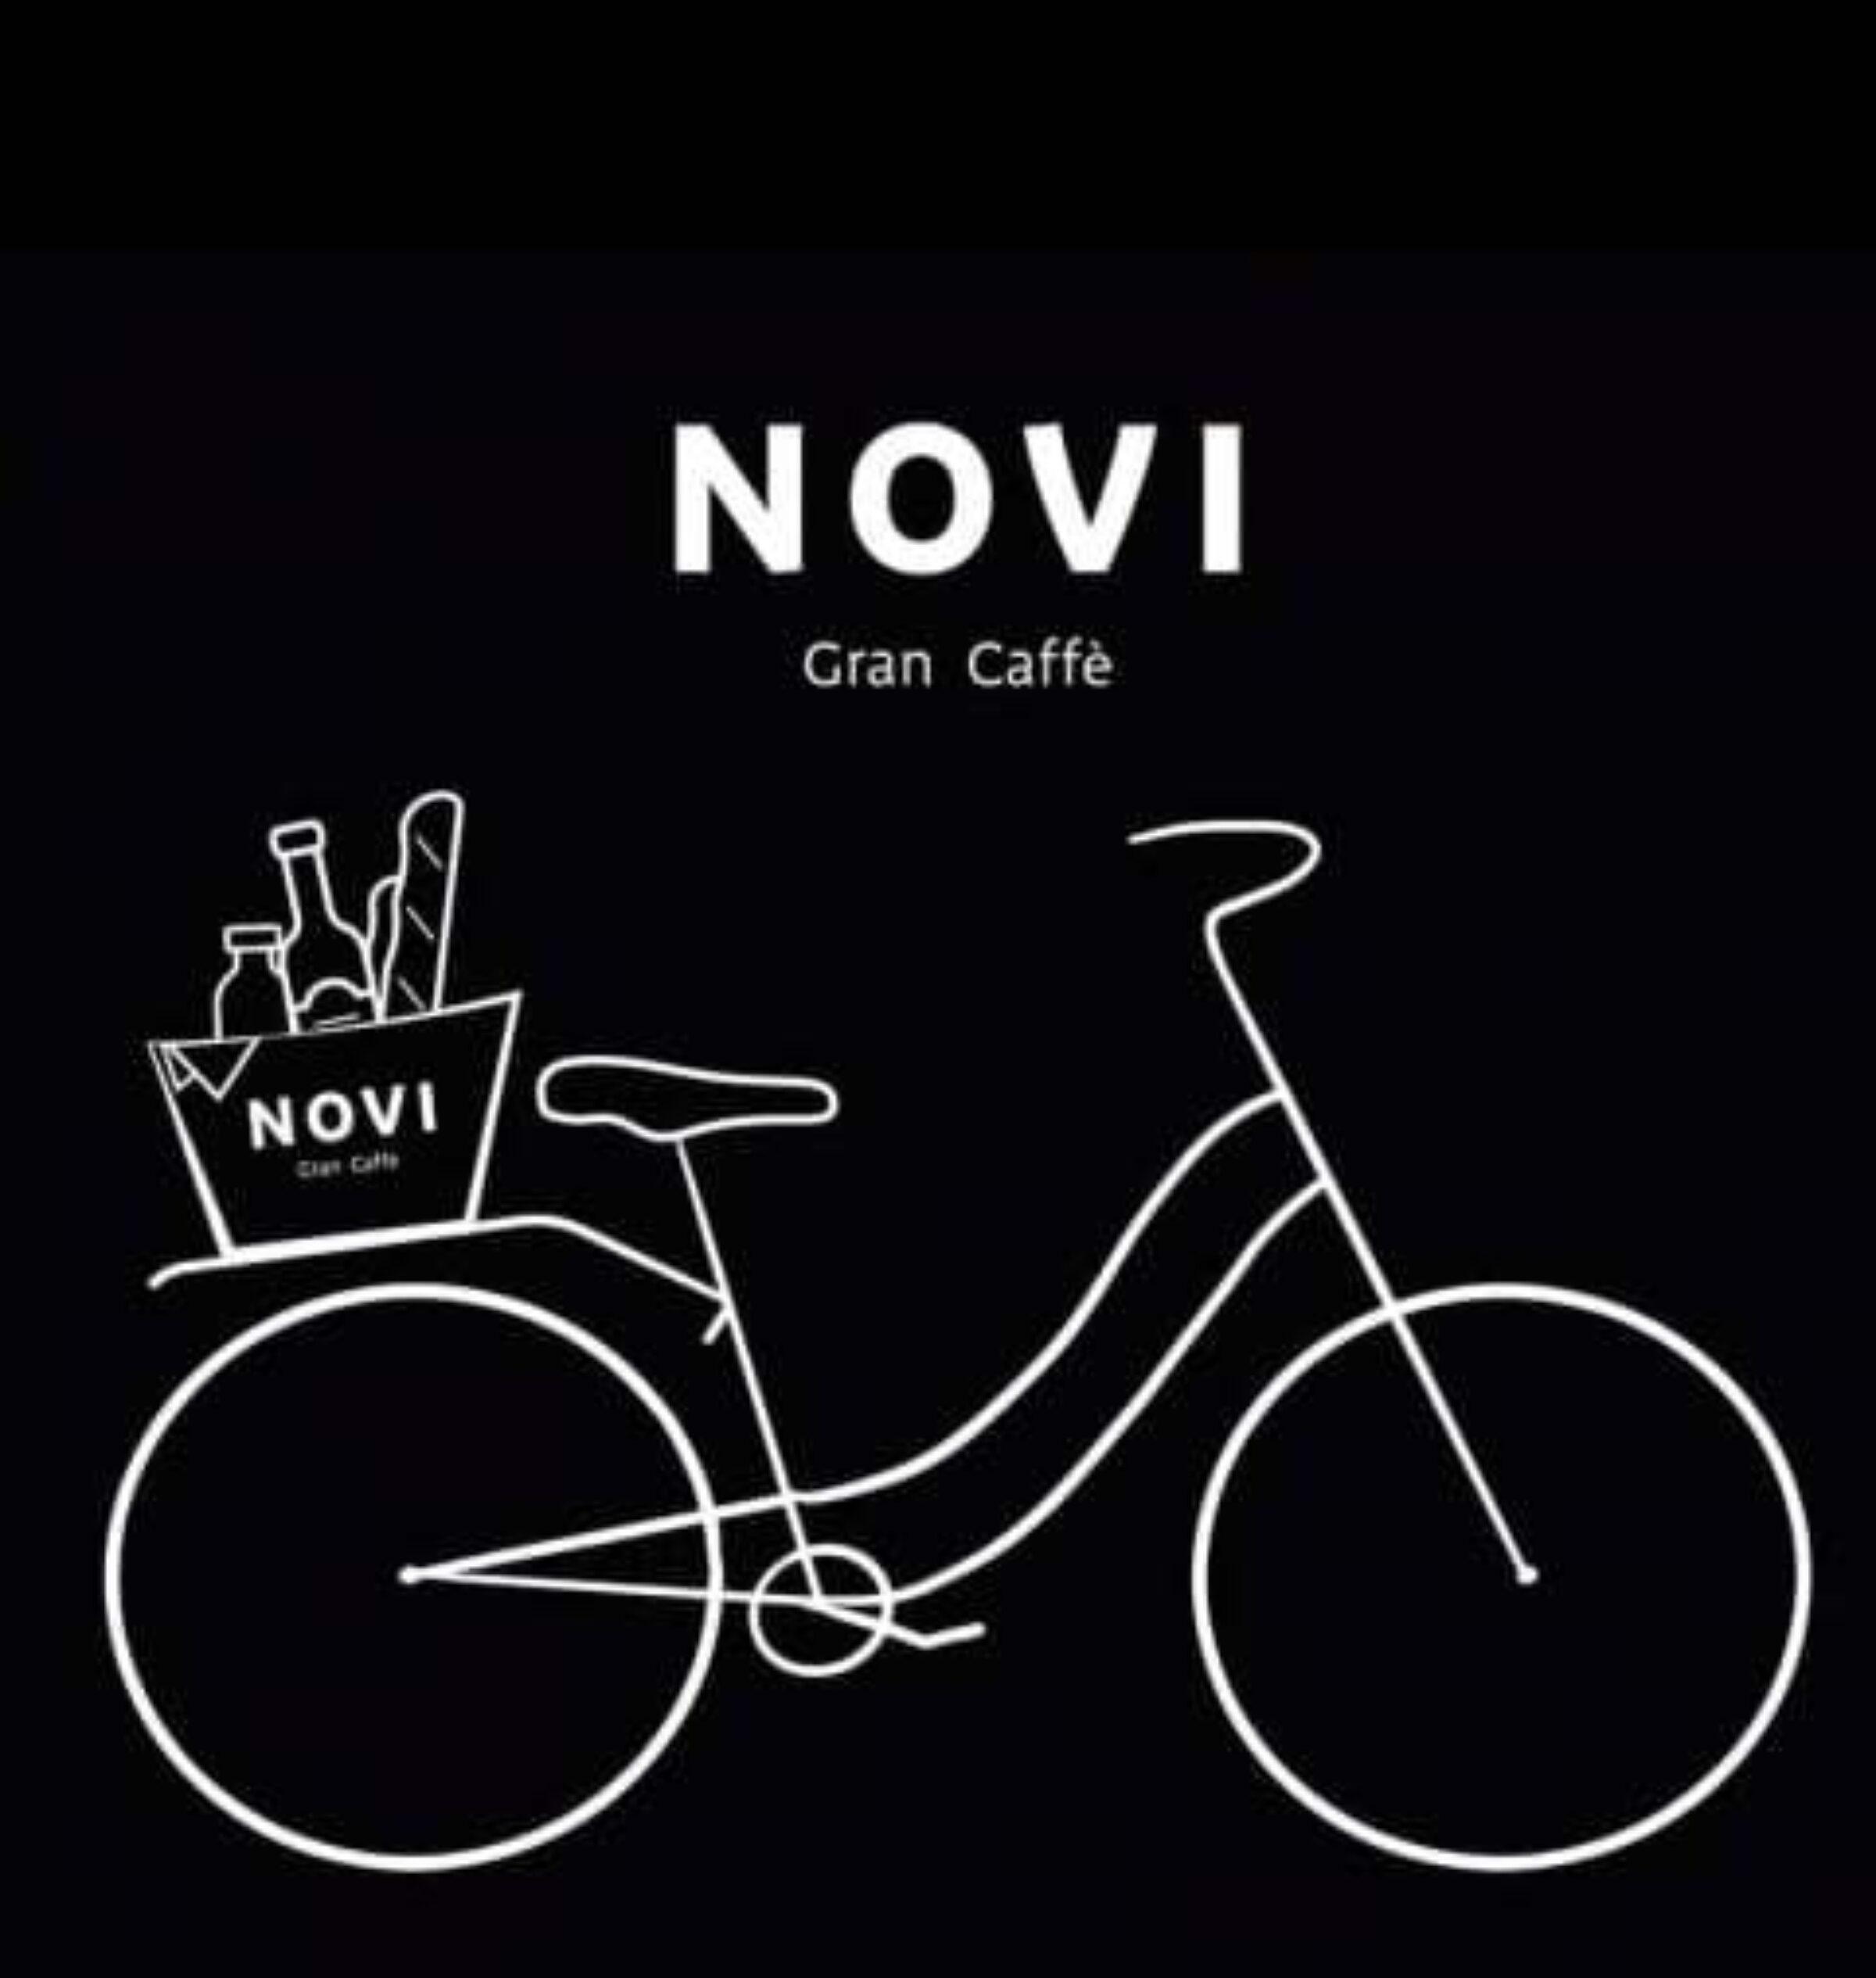 Novi picknick bike